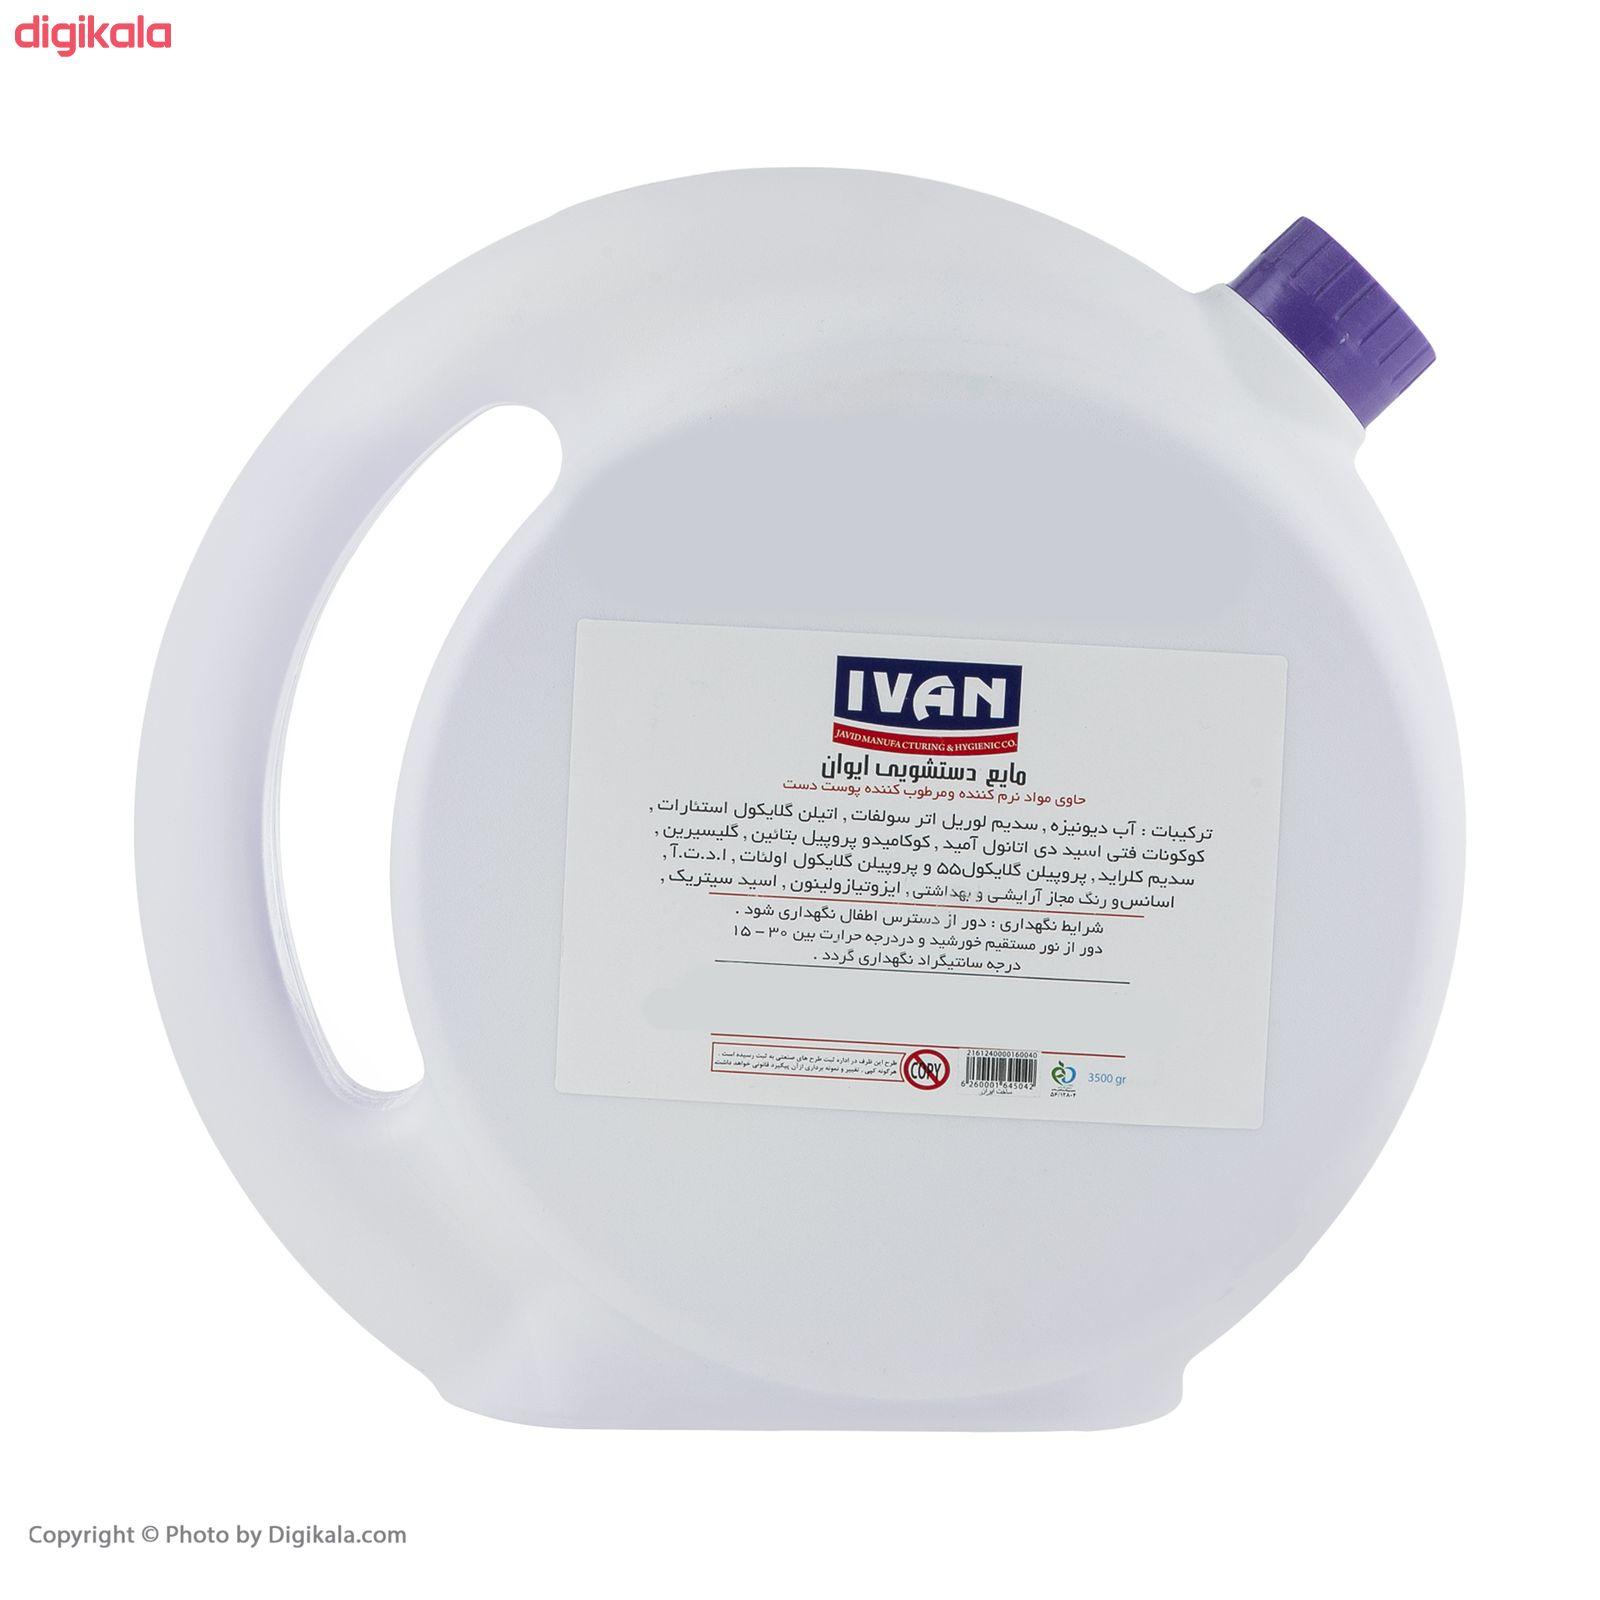 مایع دستشویی ایوان مدل بنفش وزن 3.5 کیلوگرم main 1 2